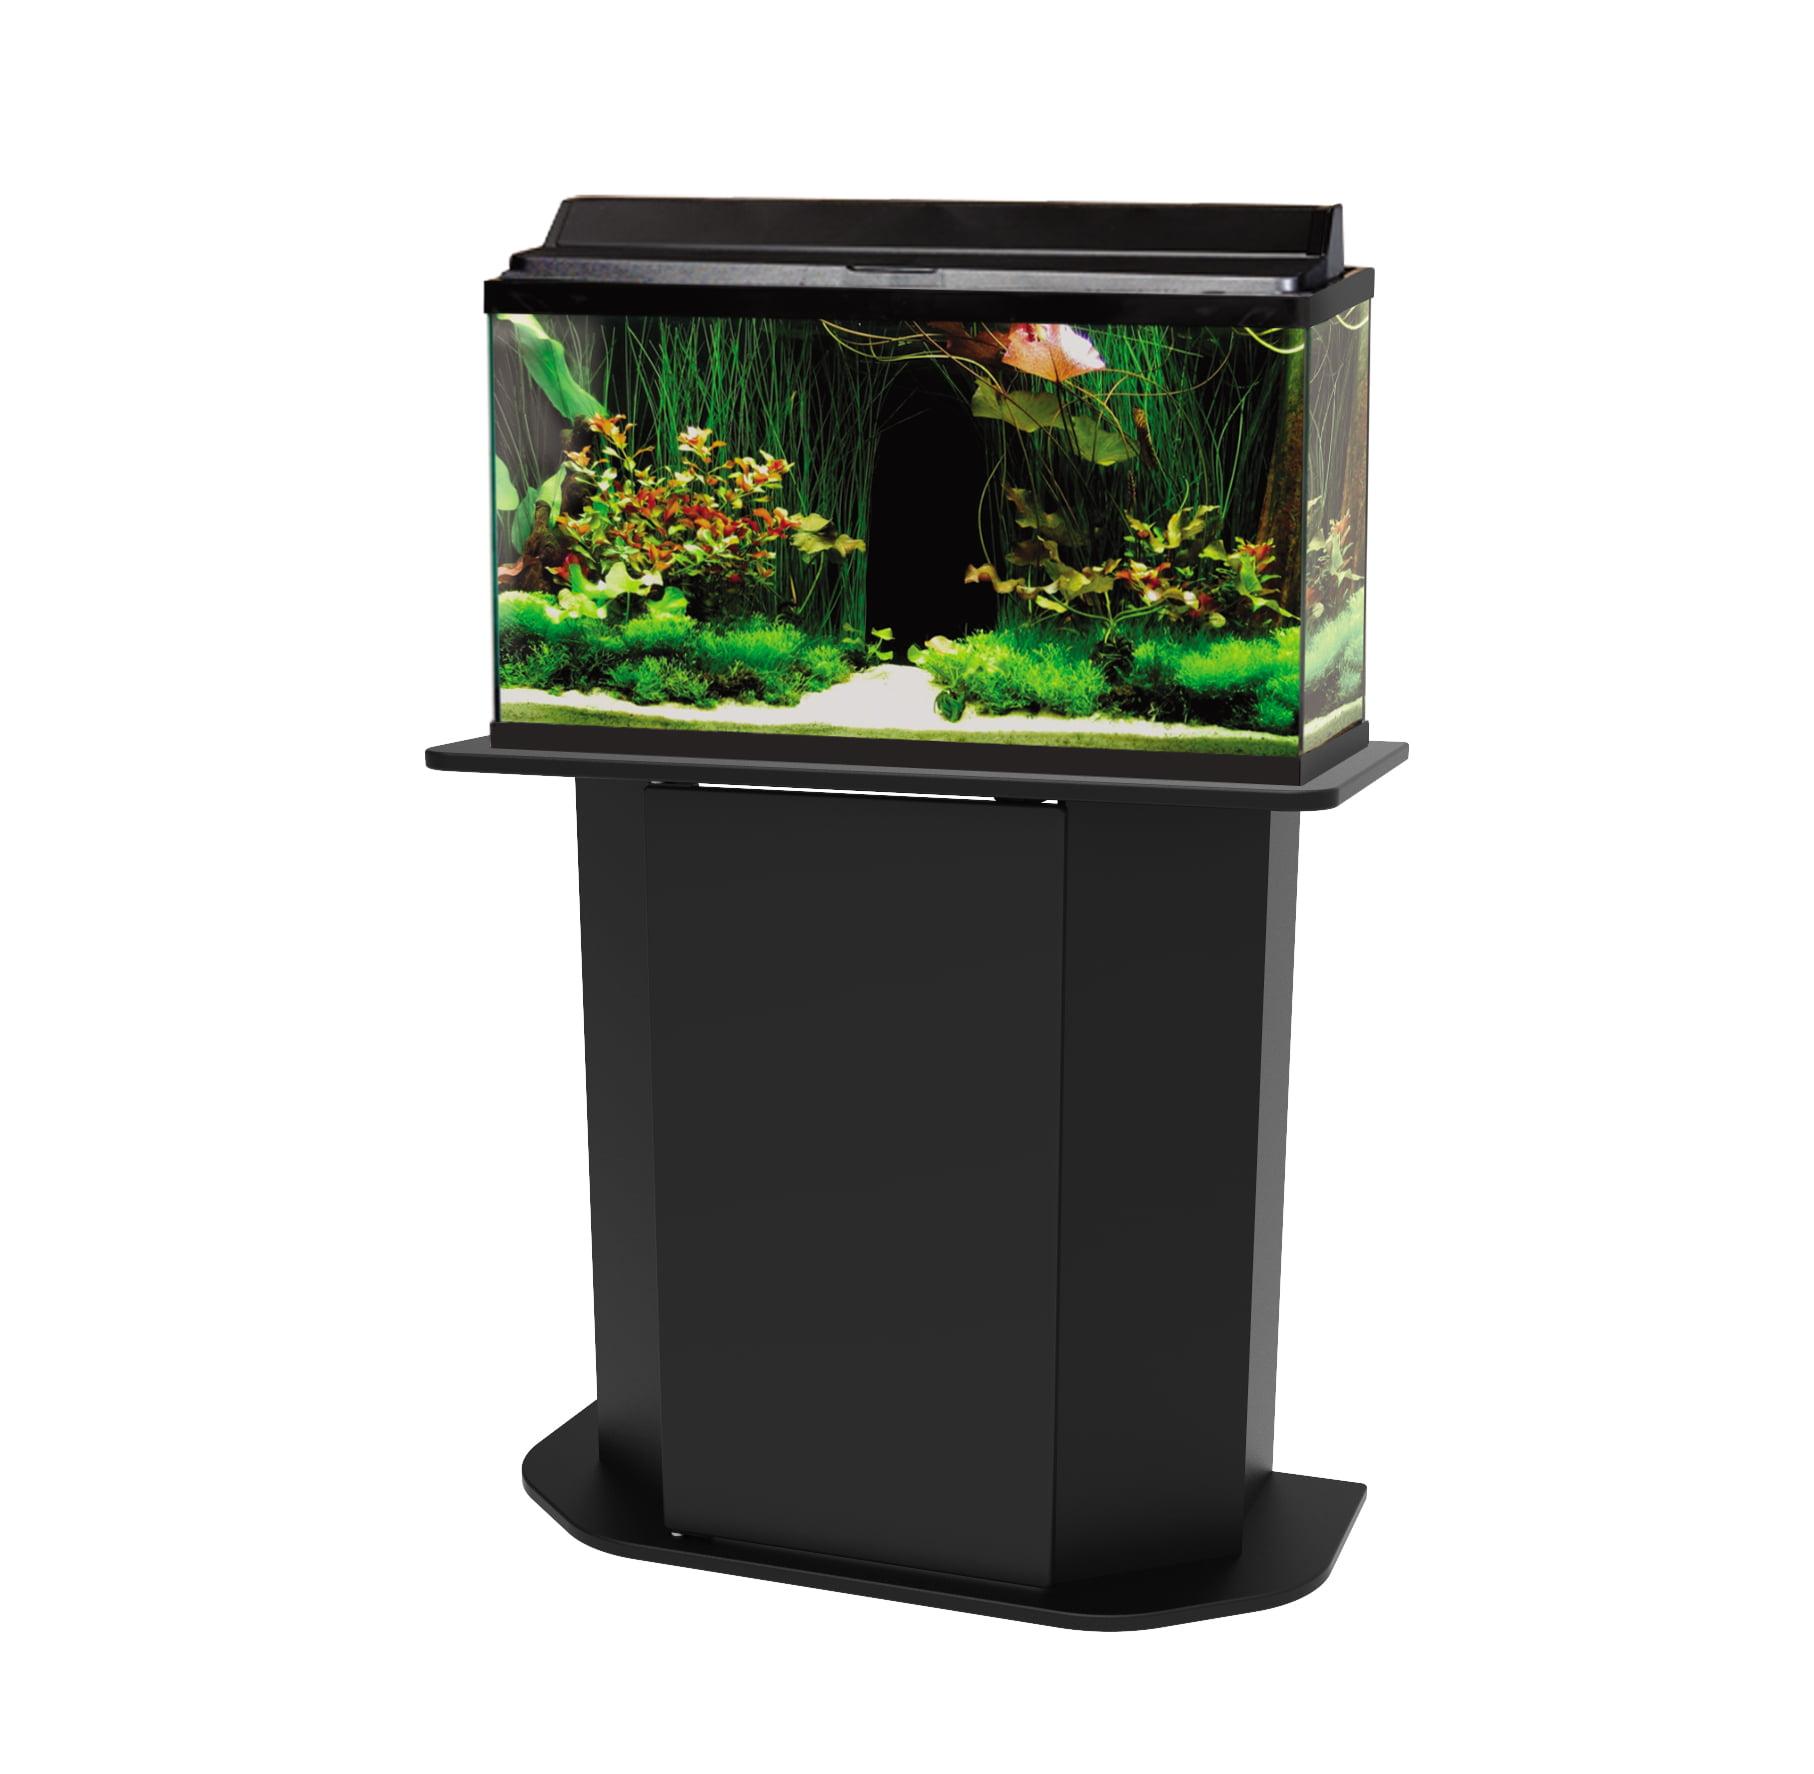 Aqua Culture Deluxe 20 29 Gallon Aquarium Stand Walmart Com Walmart Com